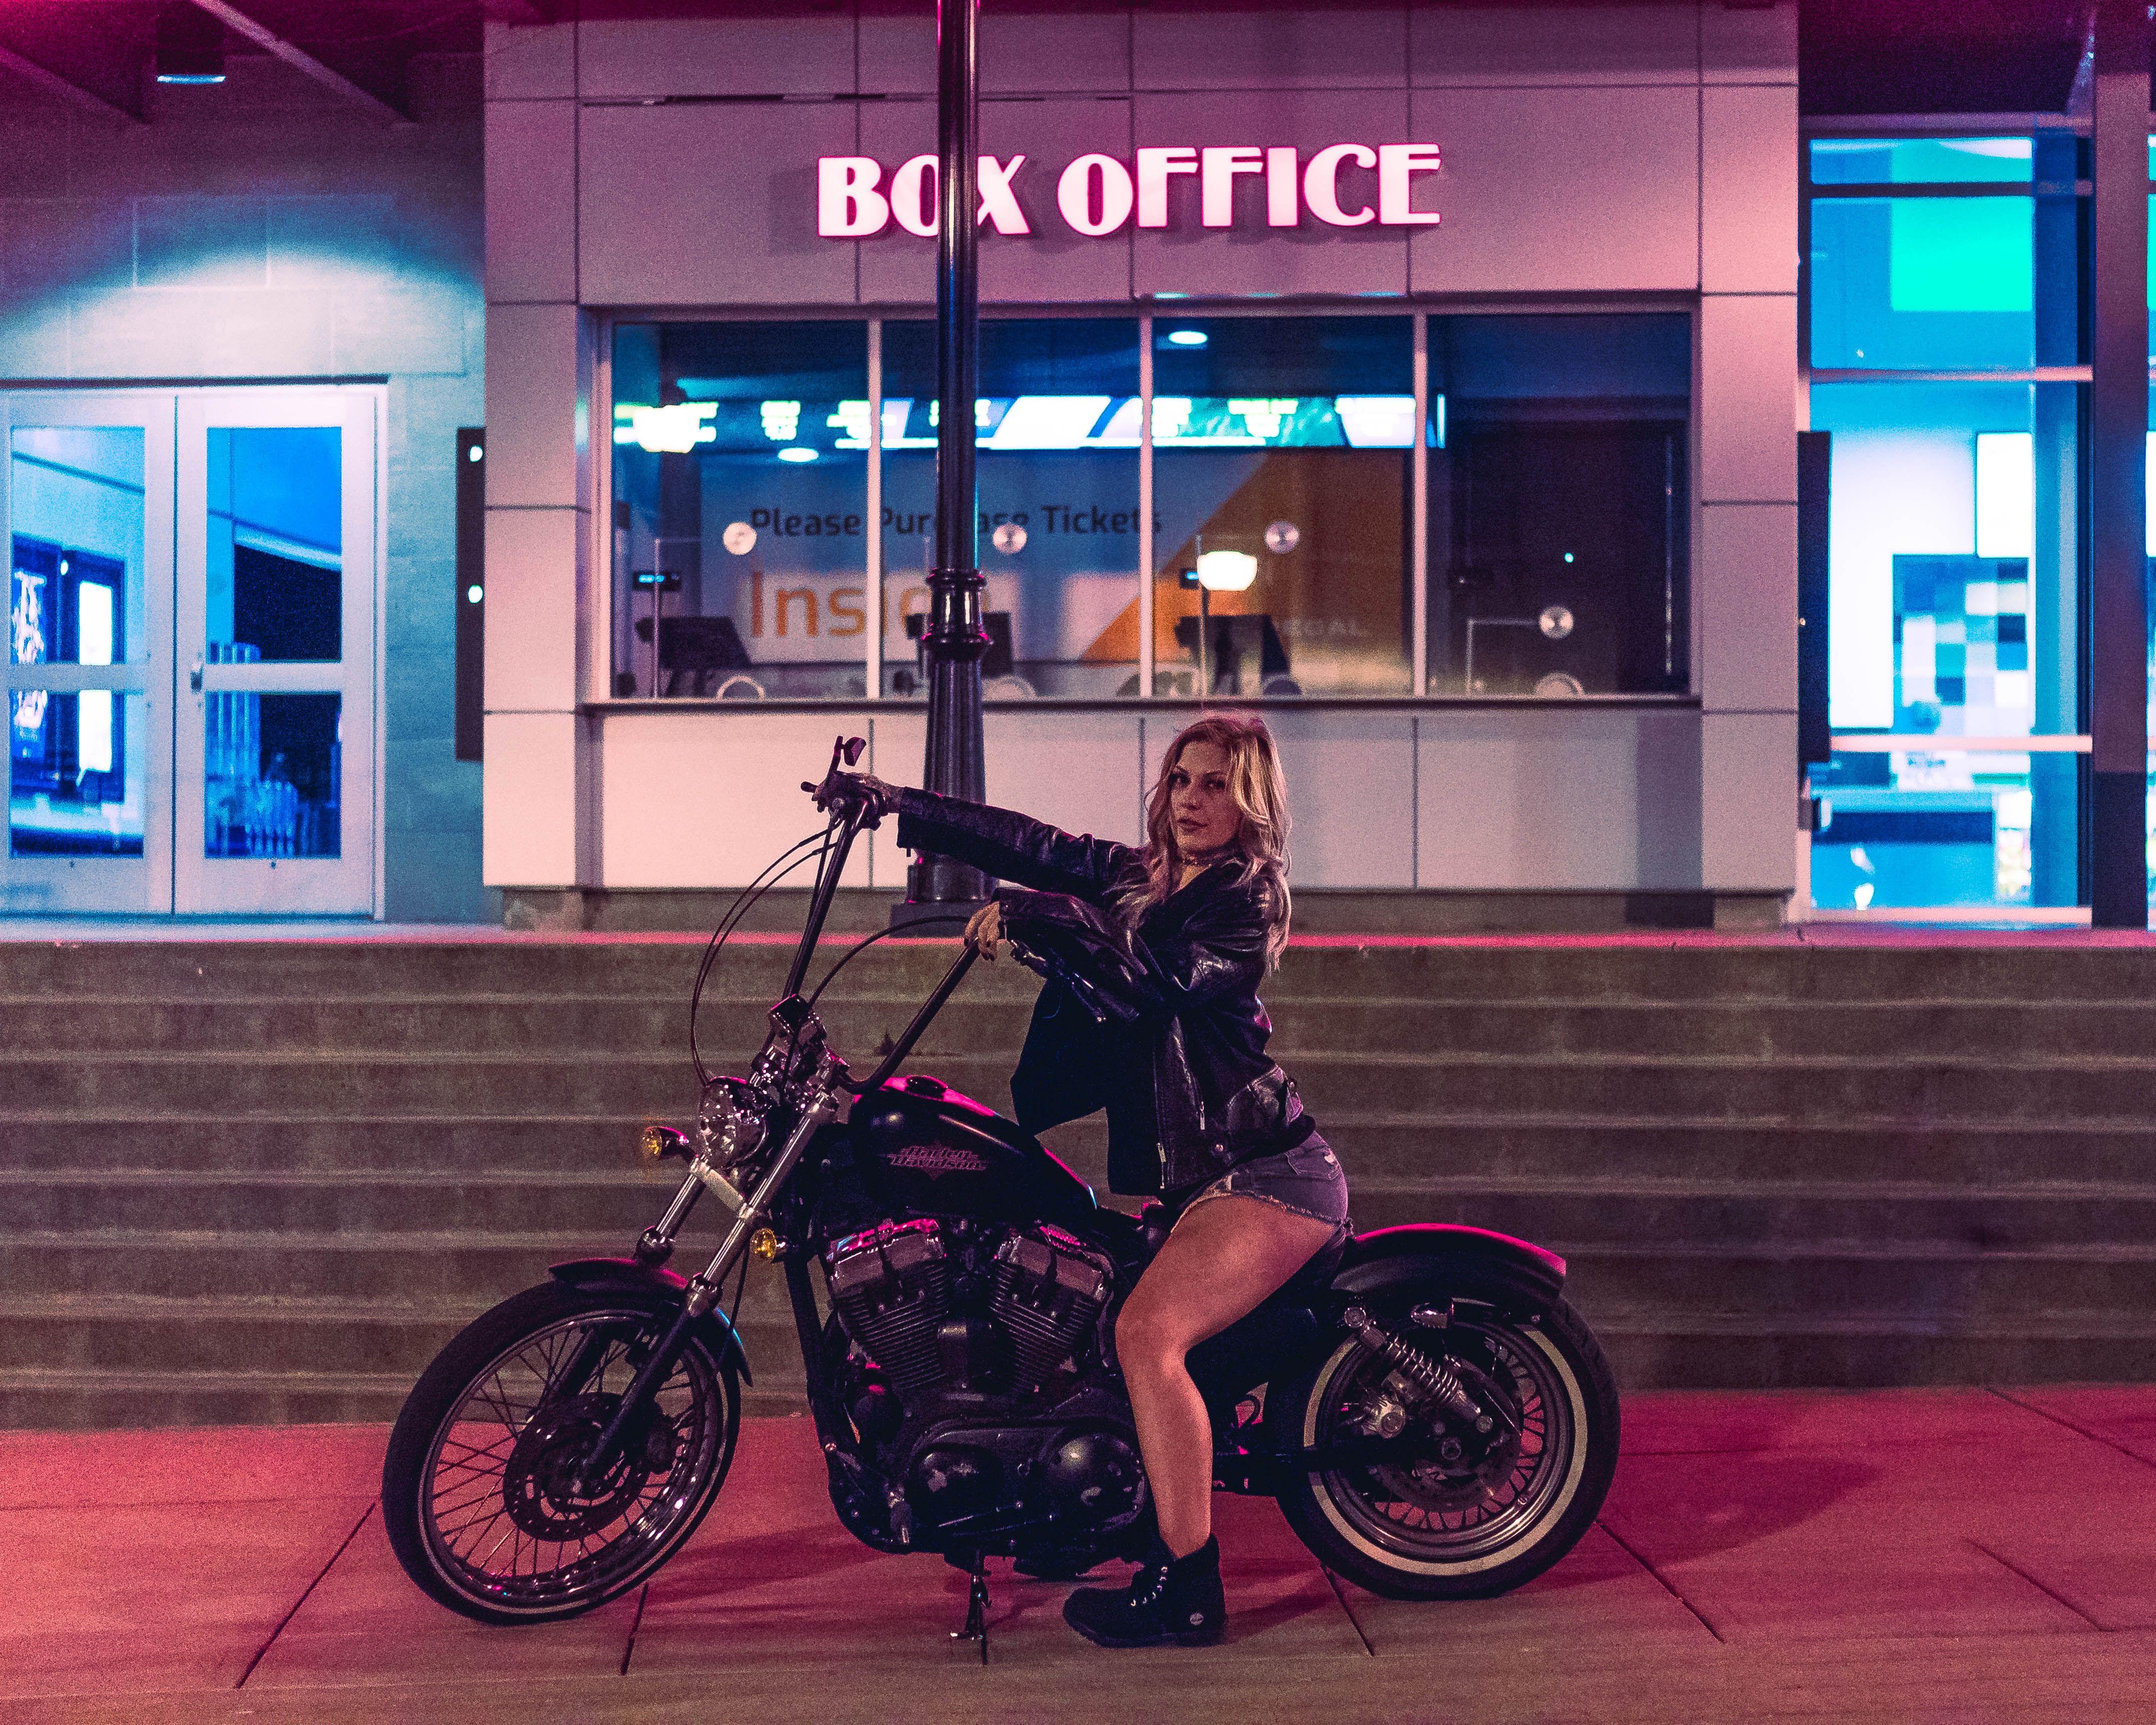 Love motorcycles, always have! motorcycle harleydavidson